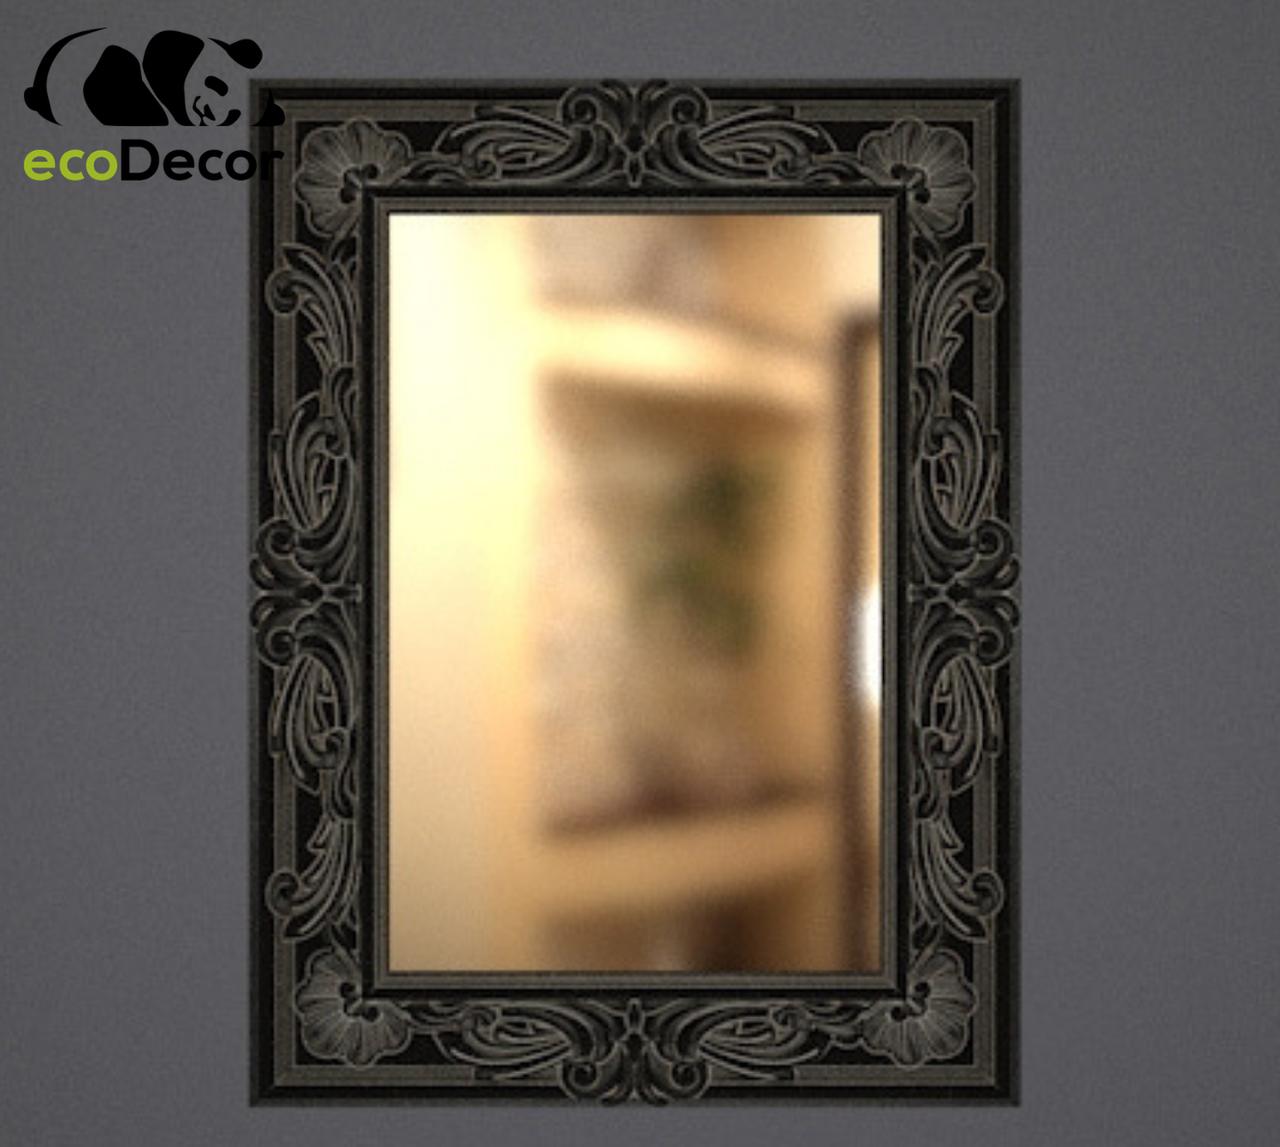 Зеркало настенное Duesseldorf в черной с белым раме